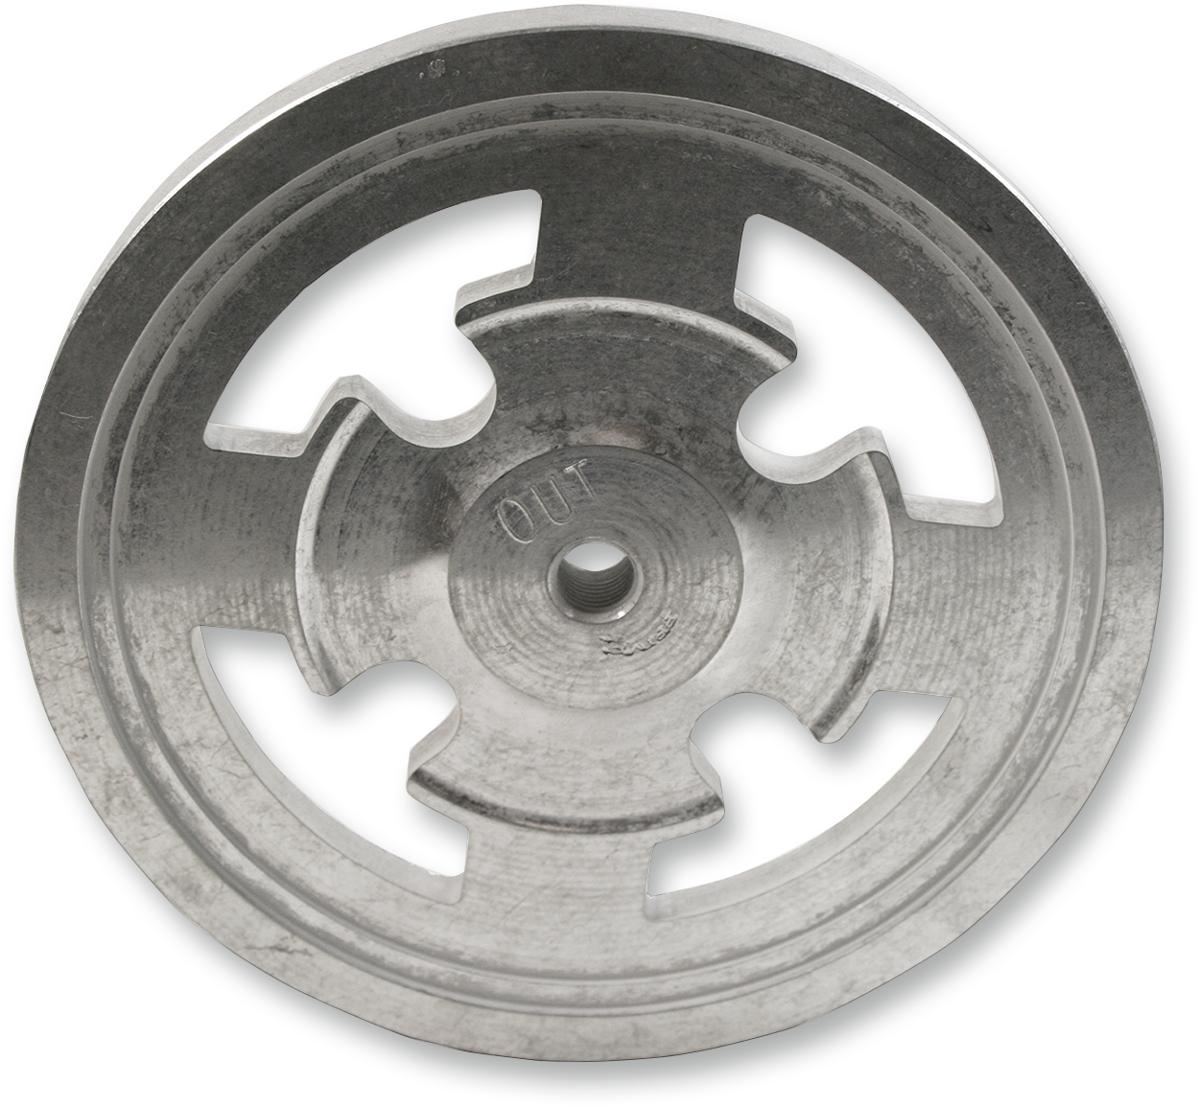 Aluminum Pressure Plate